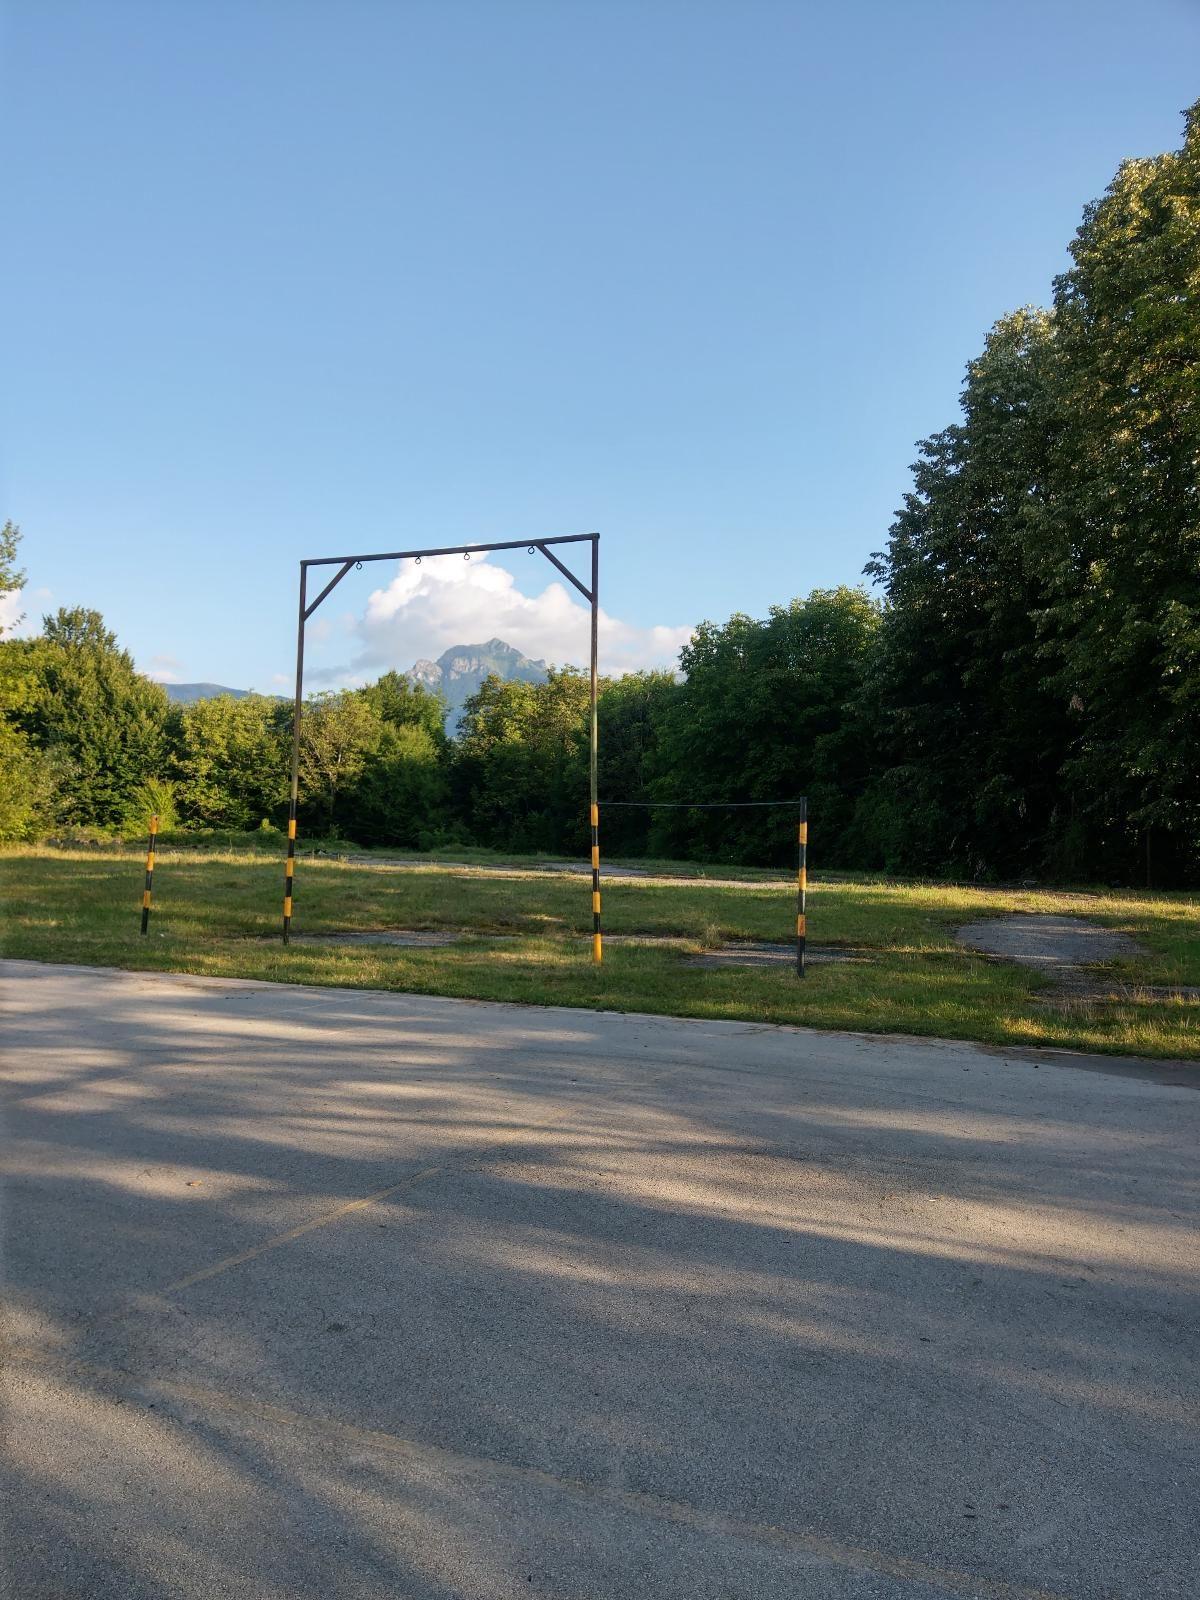 Lovech Province - Street Workout Park - Apriltsi